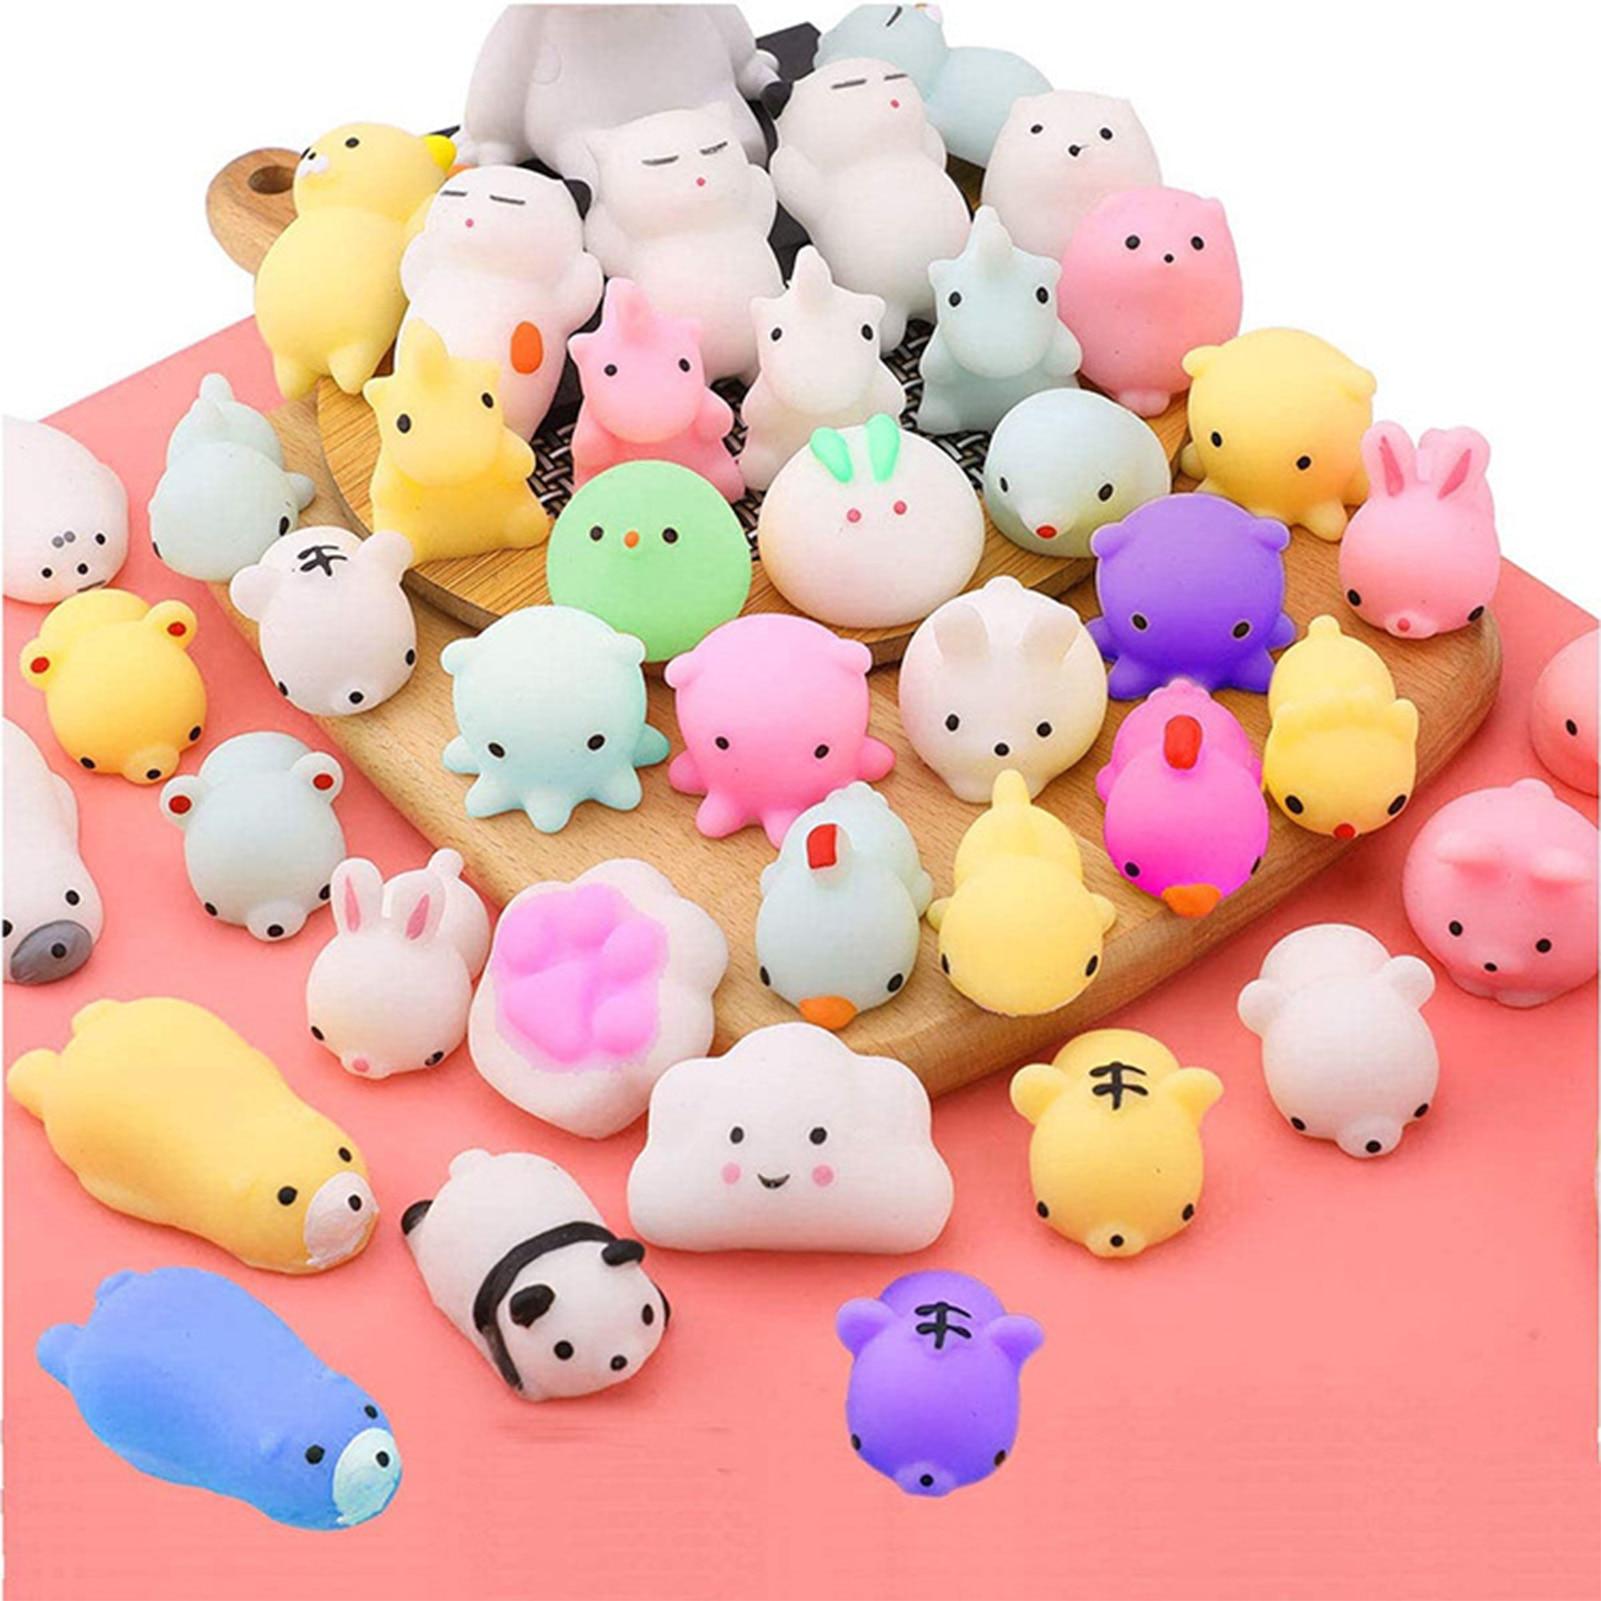 50 шт., мягкие игрушки Kawaii, милые животные, антистресс, мячик, сжимаемые Моти, поднимающиеся игрушки, мягкие липкие игрушки для снятия стресса ...